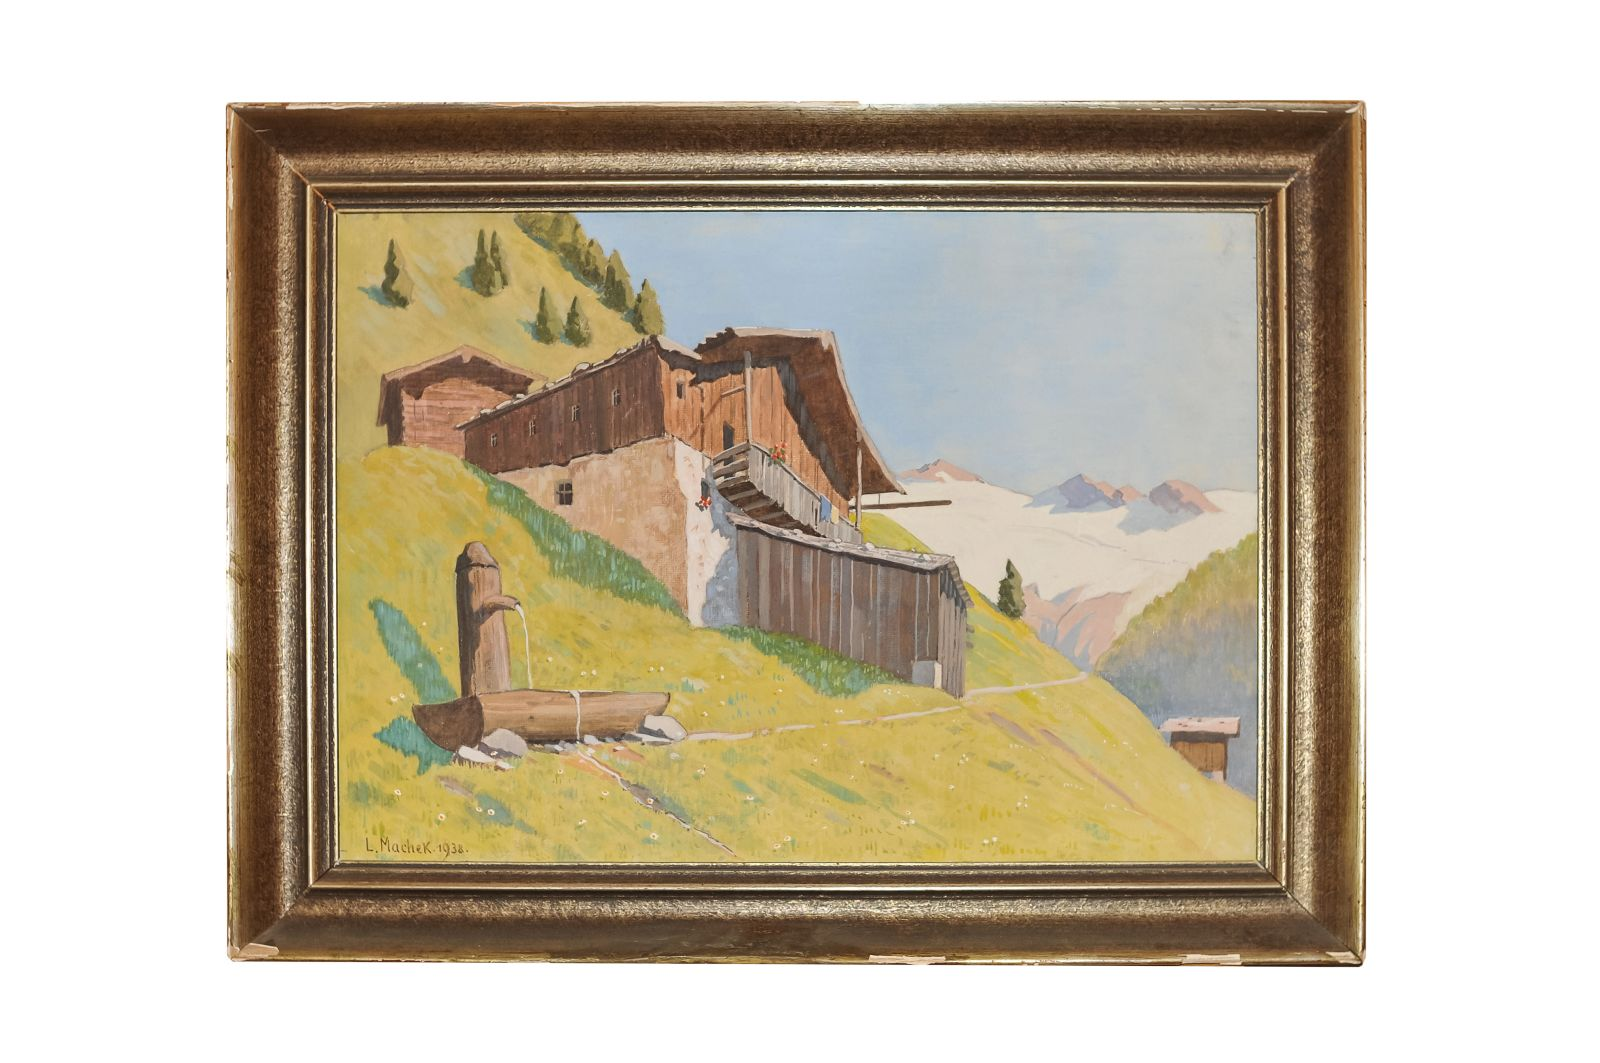 #49 L. Machek 1938 Image